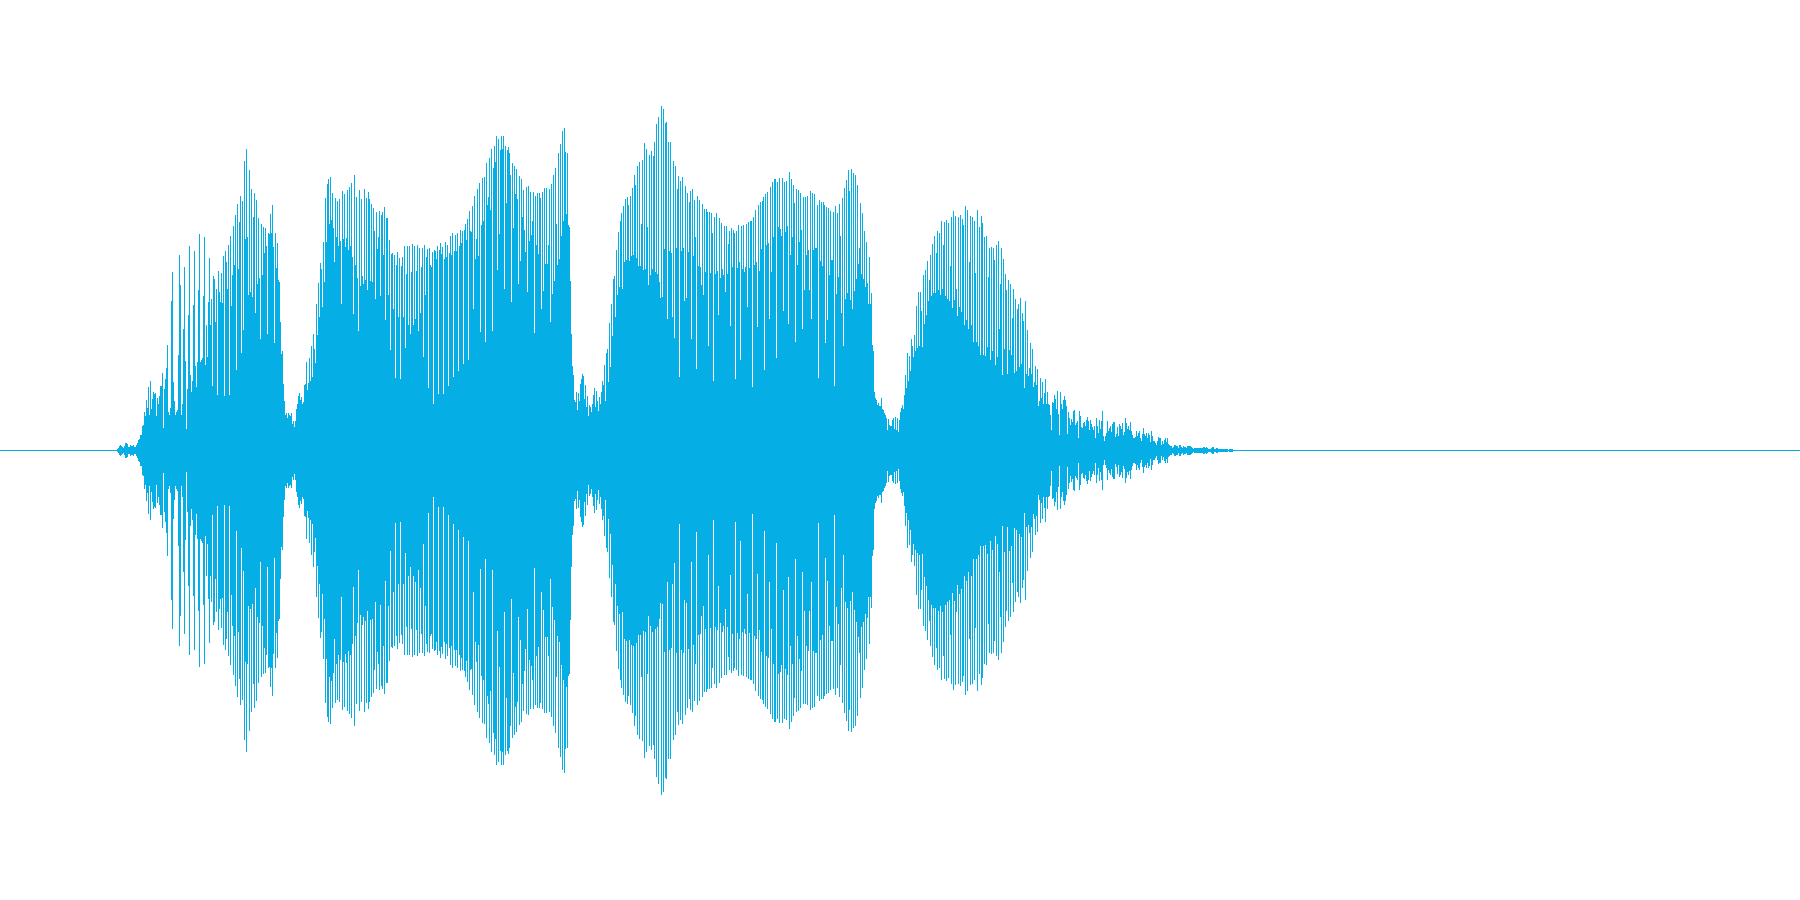 「オロオロオロ」の再生済みの波形